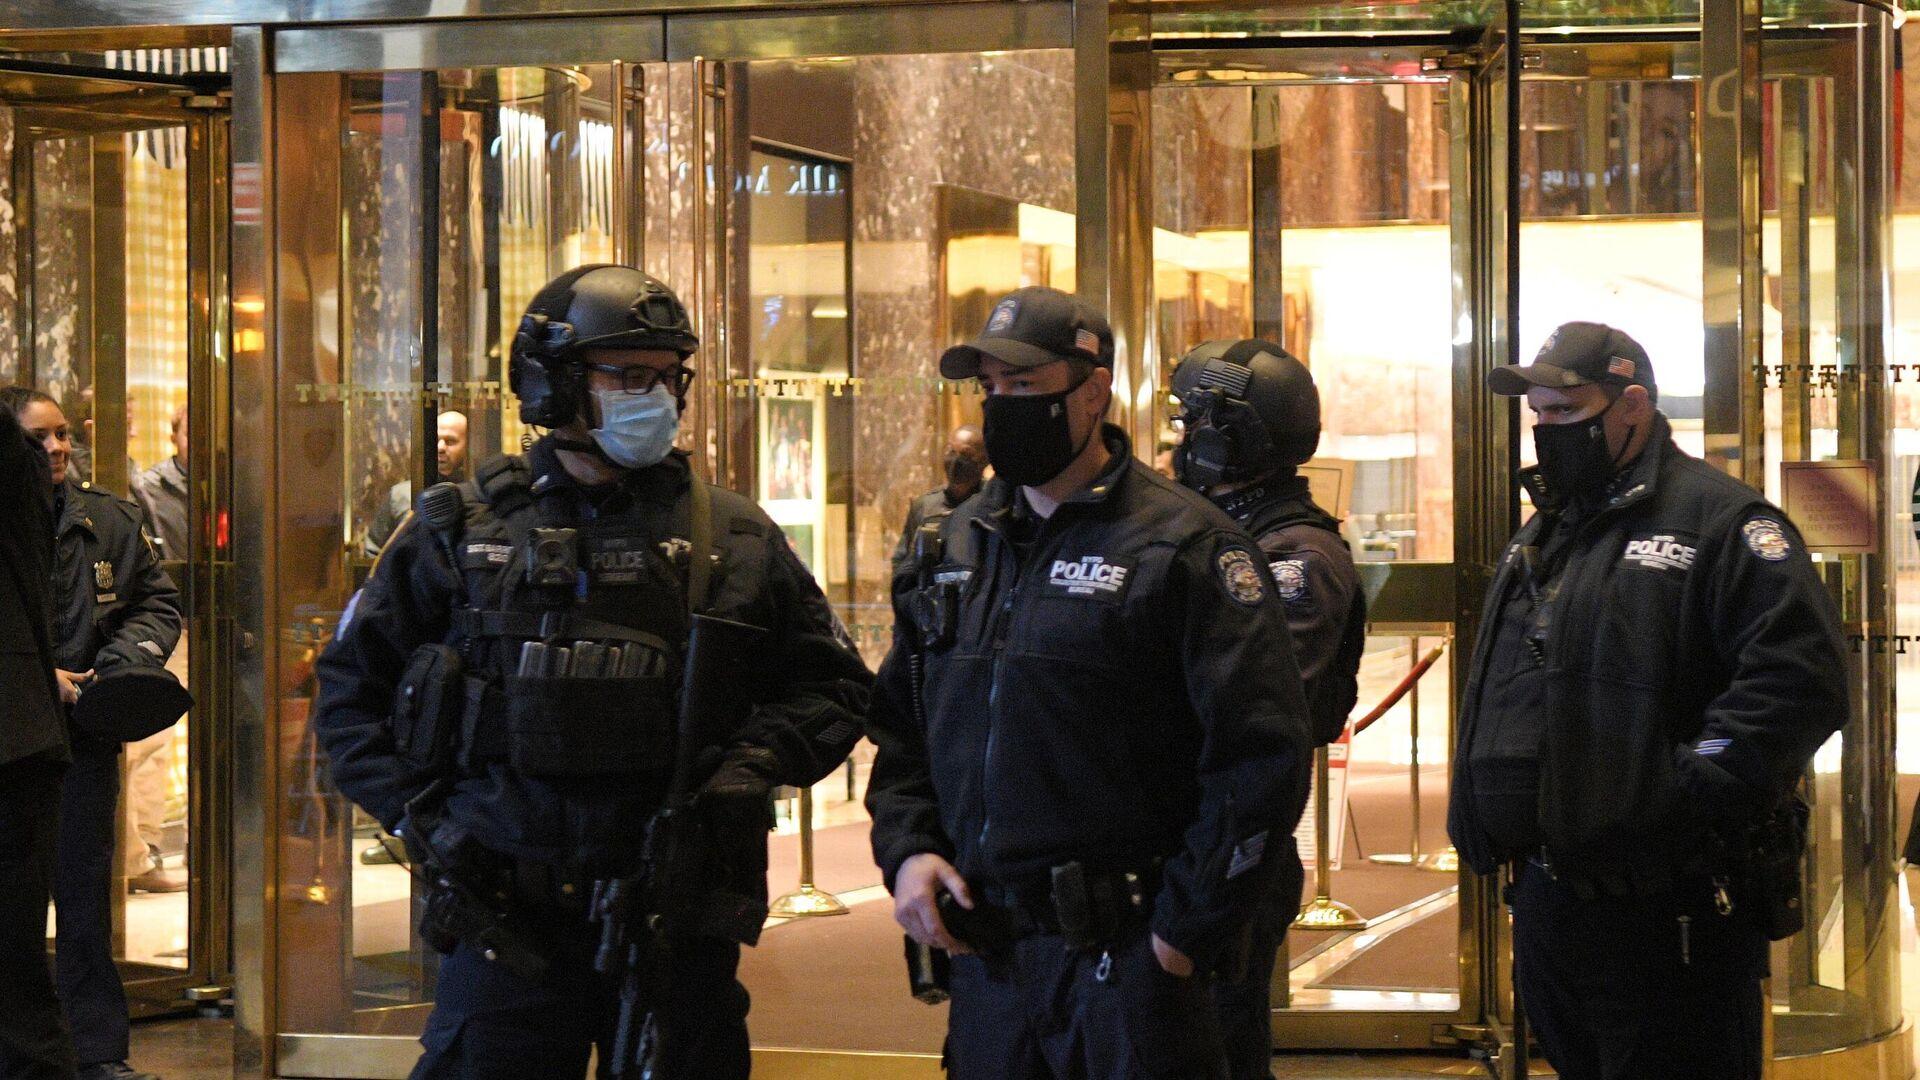 Сотрудники полиции у Башни Трампа в Нью-Йорке в день выборов президента США - РИА Новости, 1920, 23.11.2020